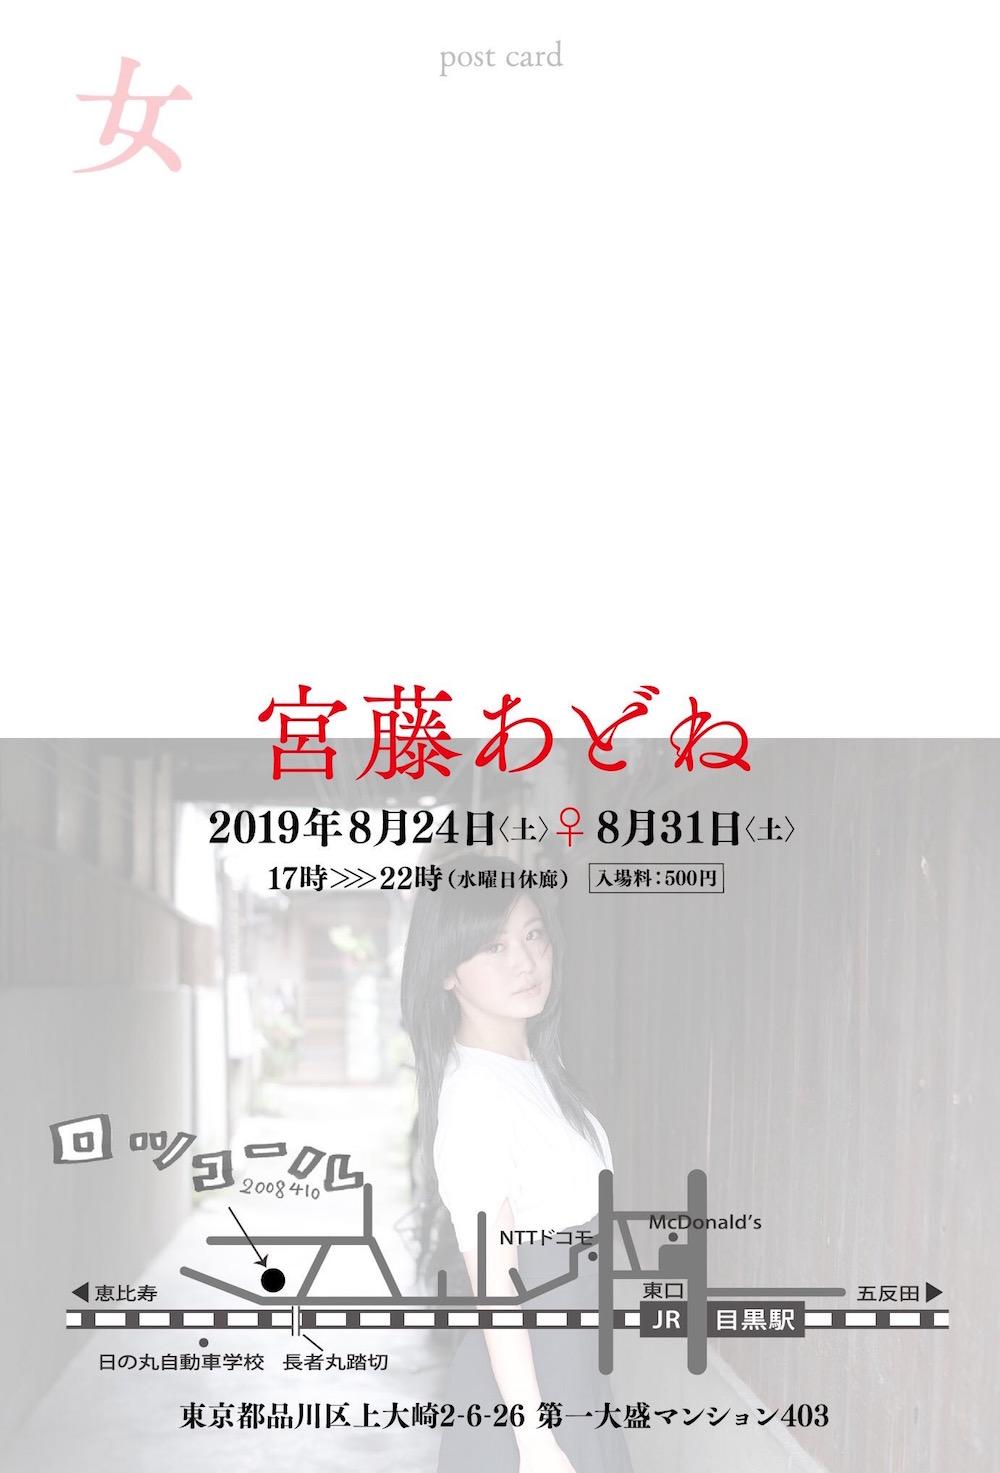 宮藤あどね・ 藤⾥⼀郎 写真展